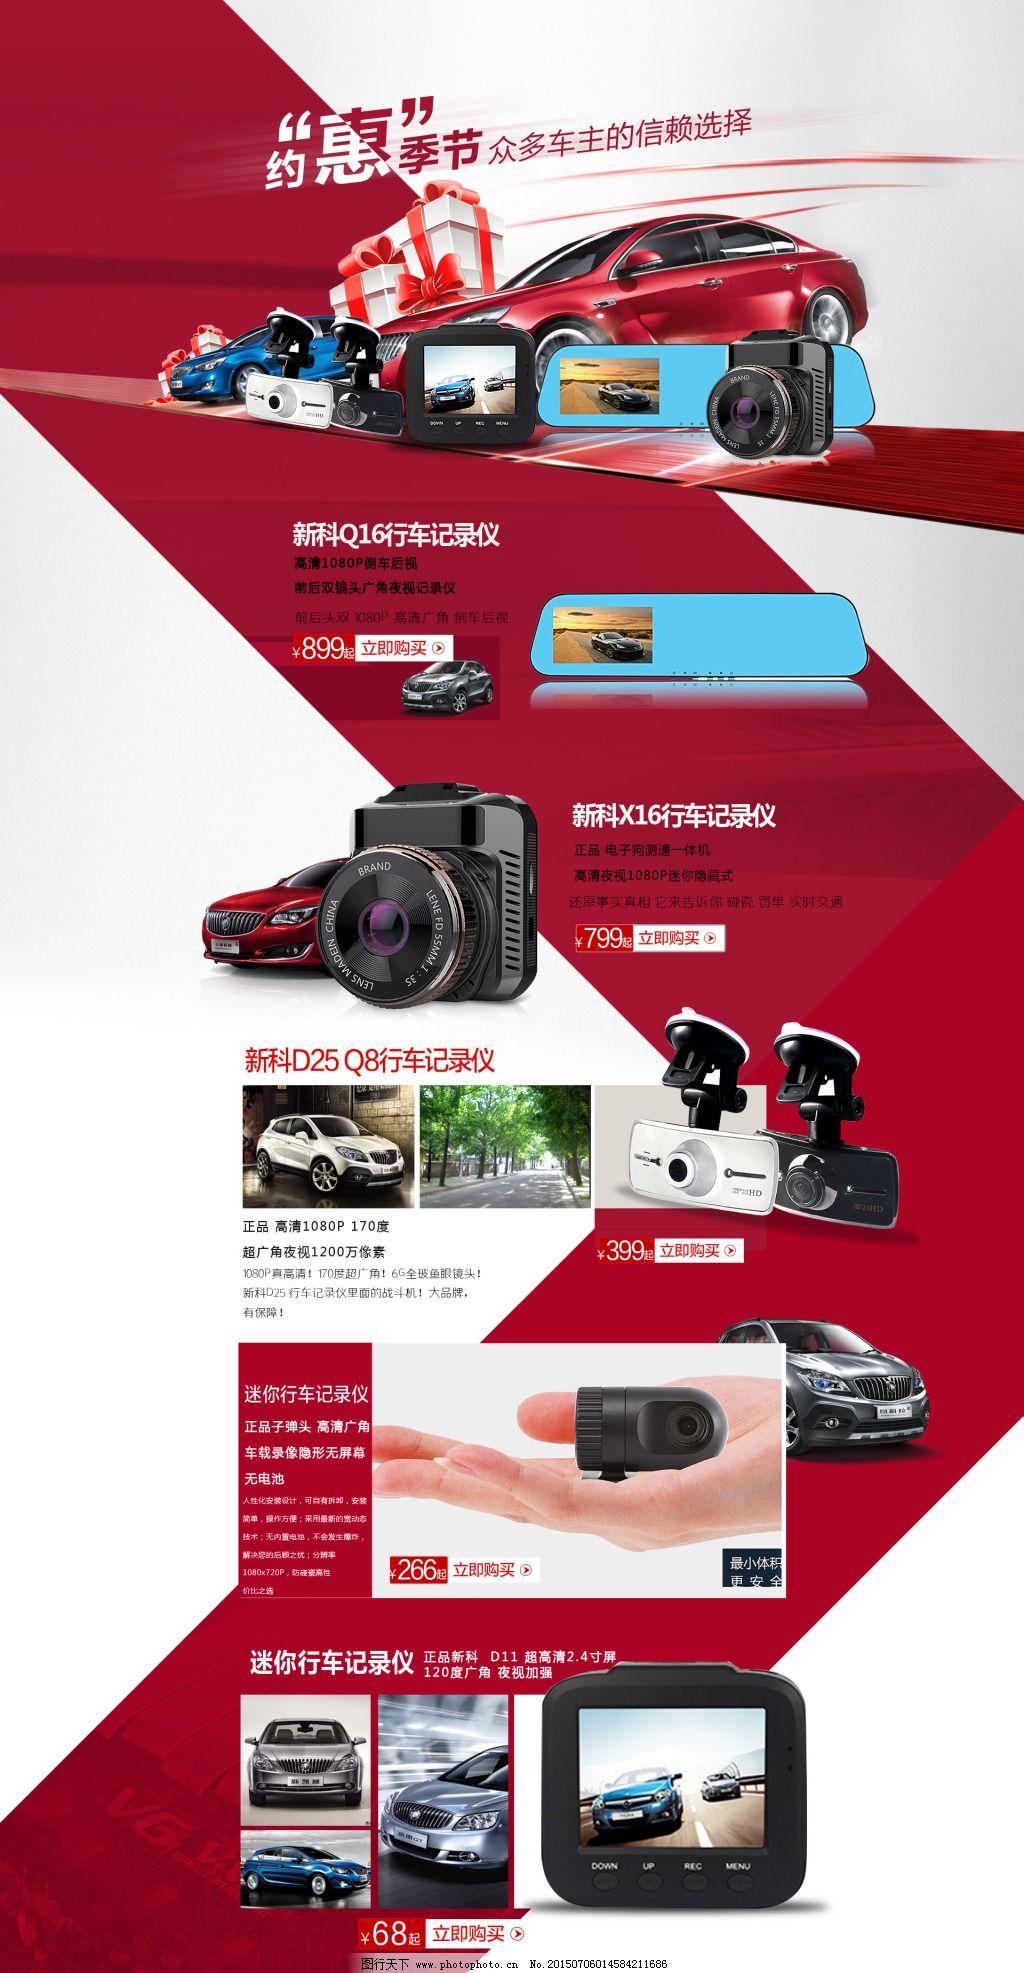 车载行车记录仪 车载行车记录仪免费下载 红色 监控 原创设计 原创淘宝设计